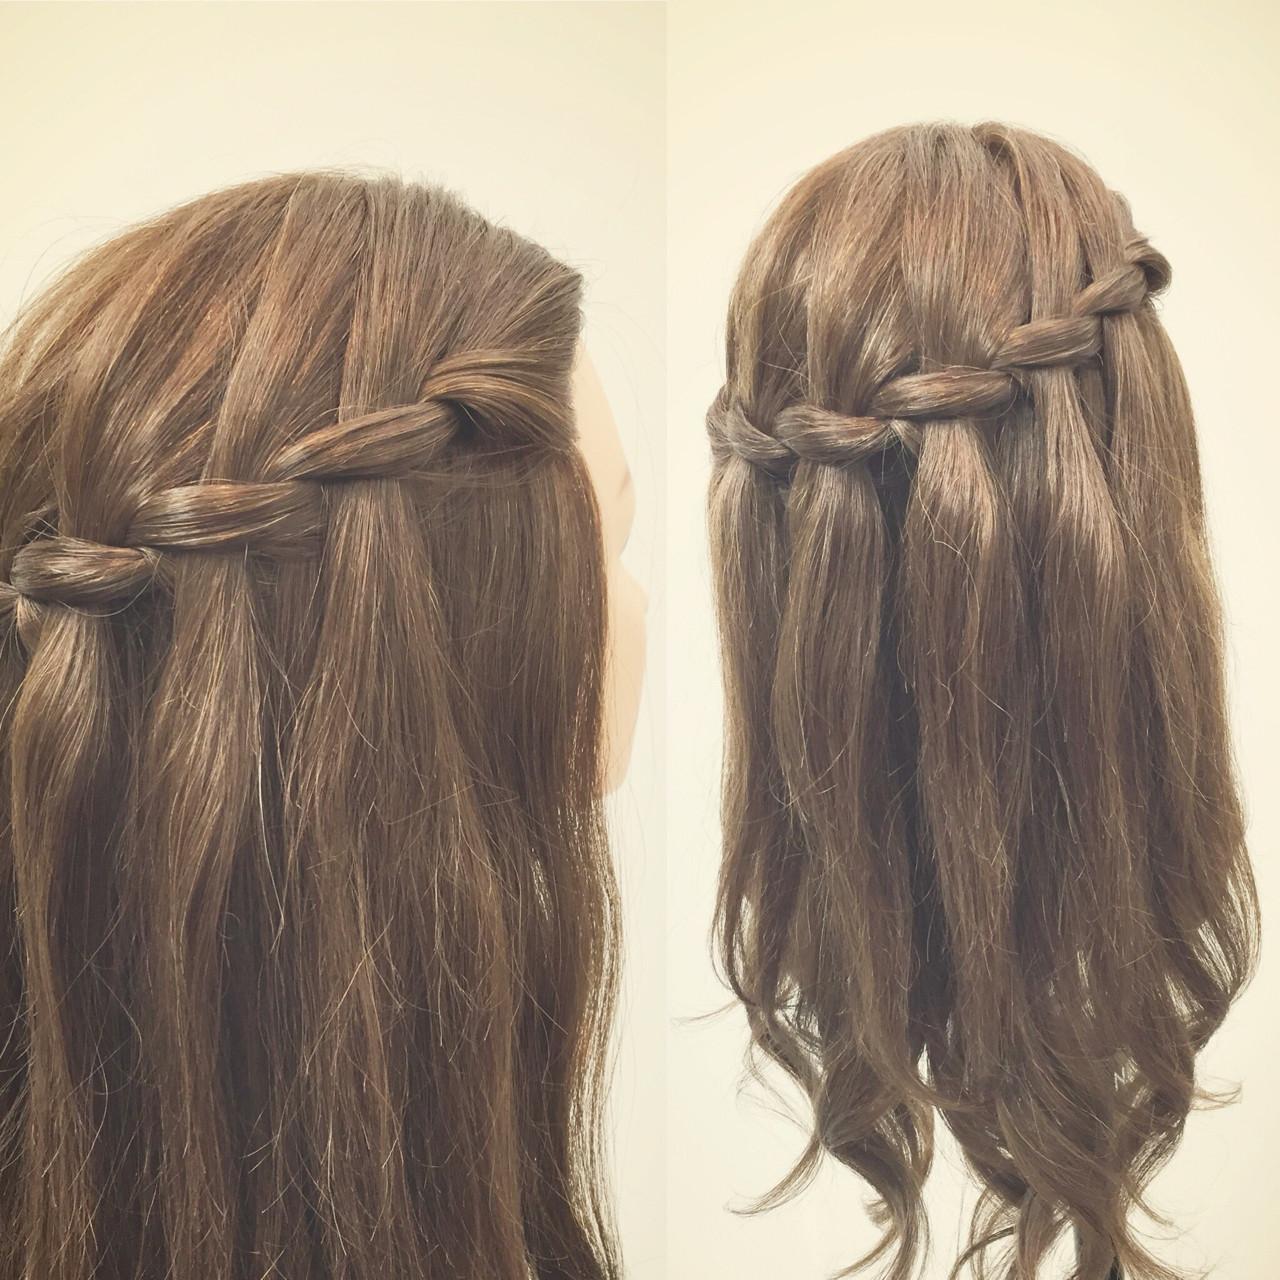 ウォーターフォール ロング ヘアアレンジ 春 ヘアスタイルや髪型の写真・画像